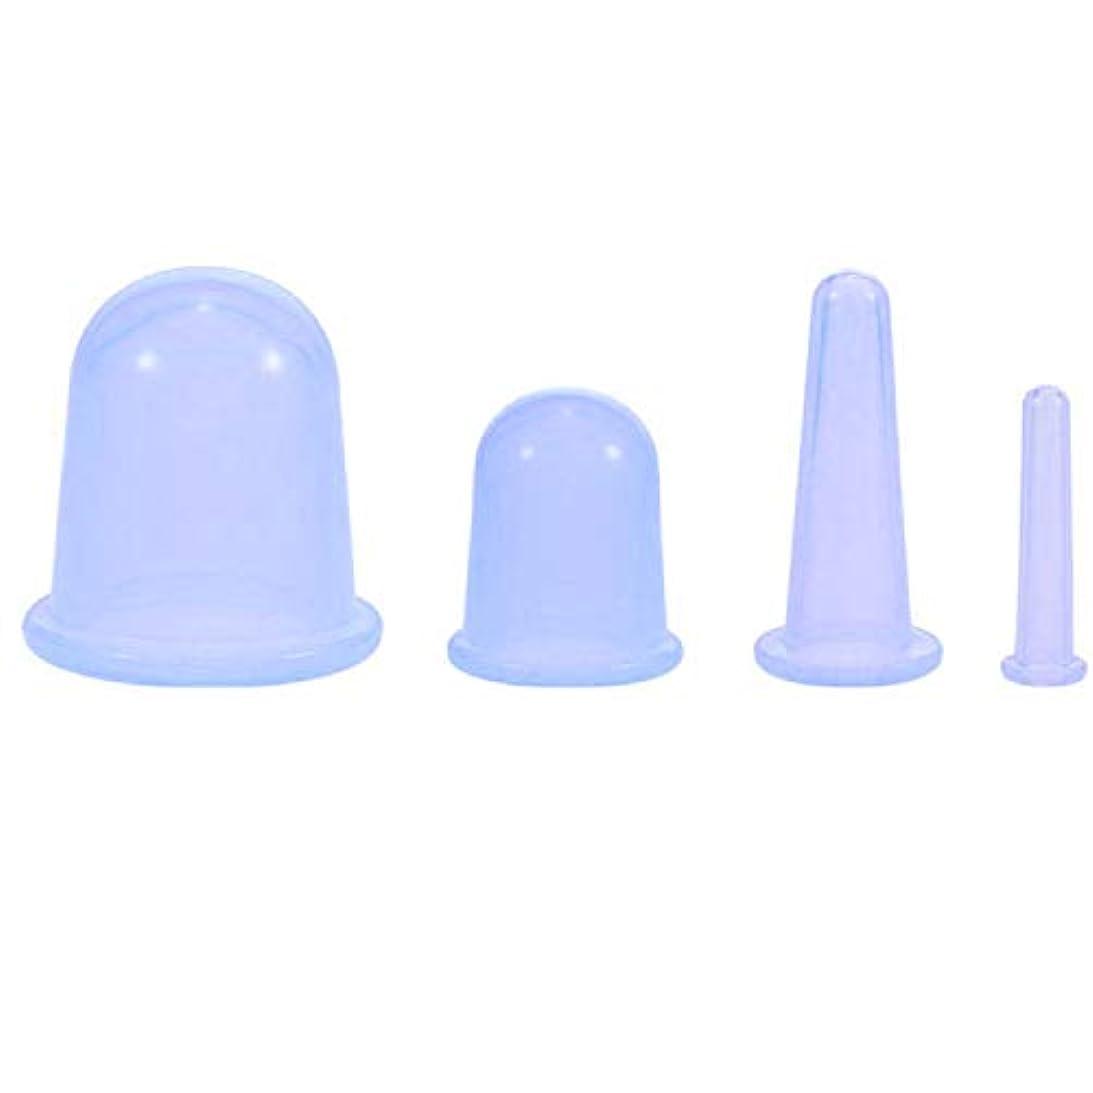 生じるつかの間でるスライドカッピング シリコンカップ 4個セット ブルー 吸い玉 自宅 セルフケア 【スリムバーン】